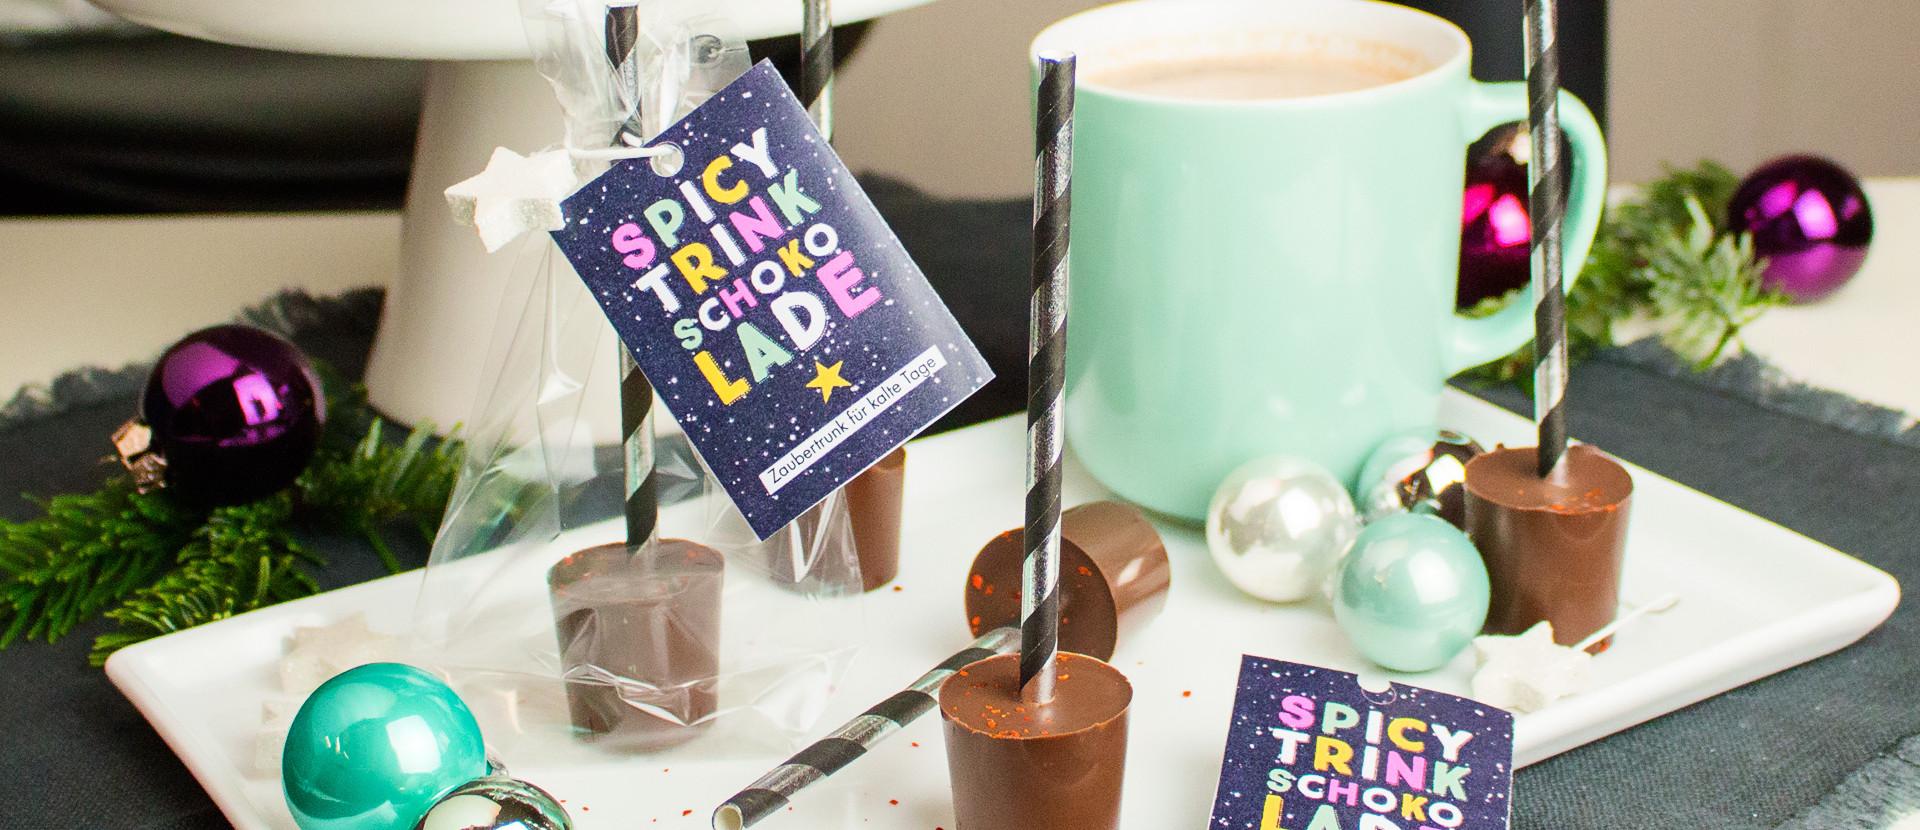 Trinkschokolade auf einer weißen Platte mit einer Tasse